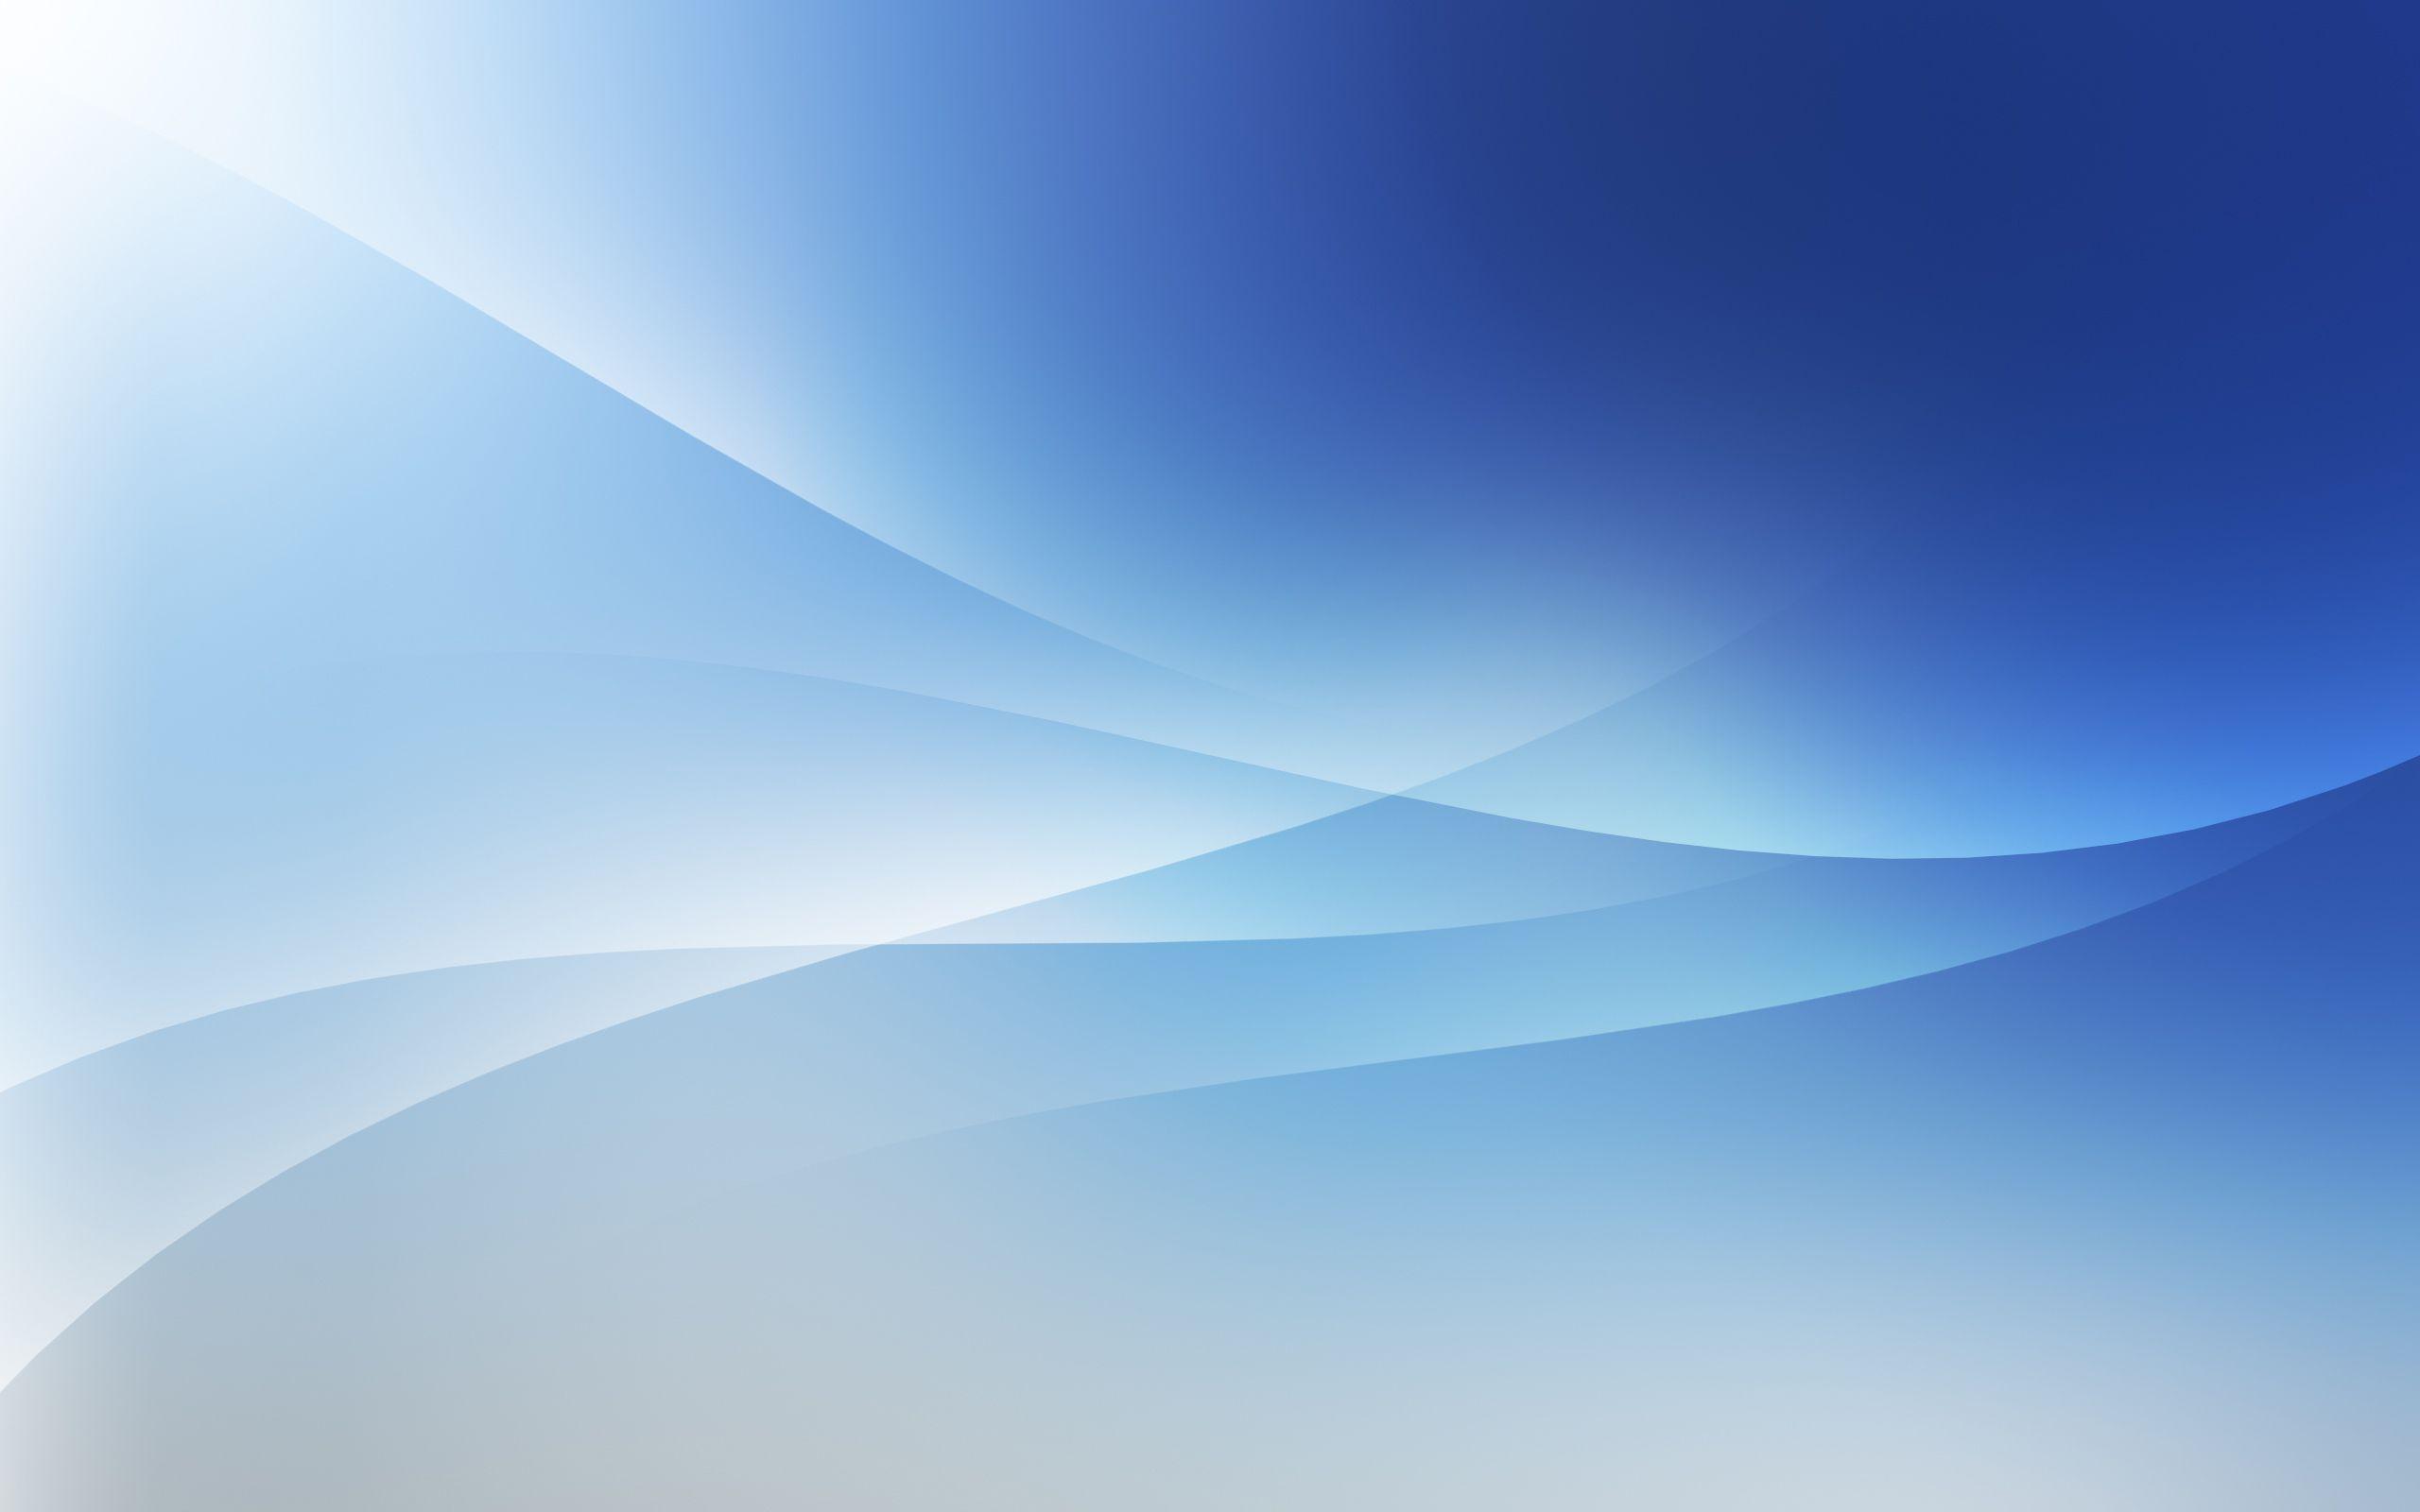 Wallpaper Wide HD 2560x1600